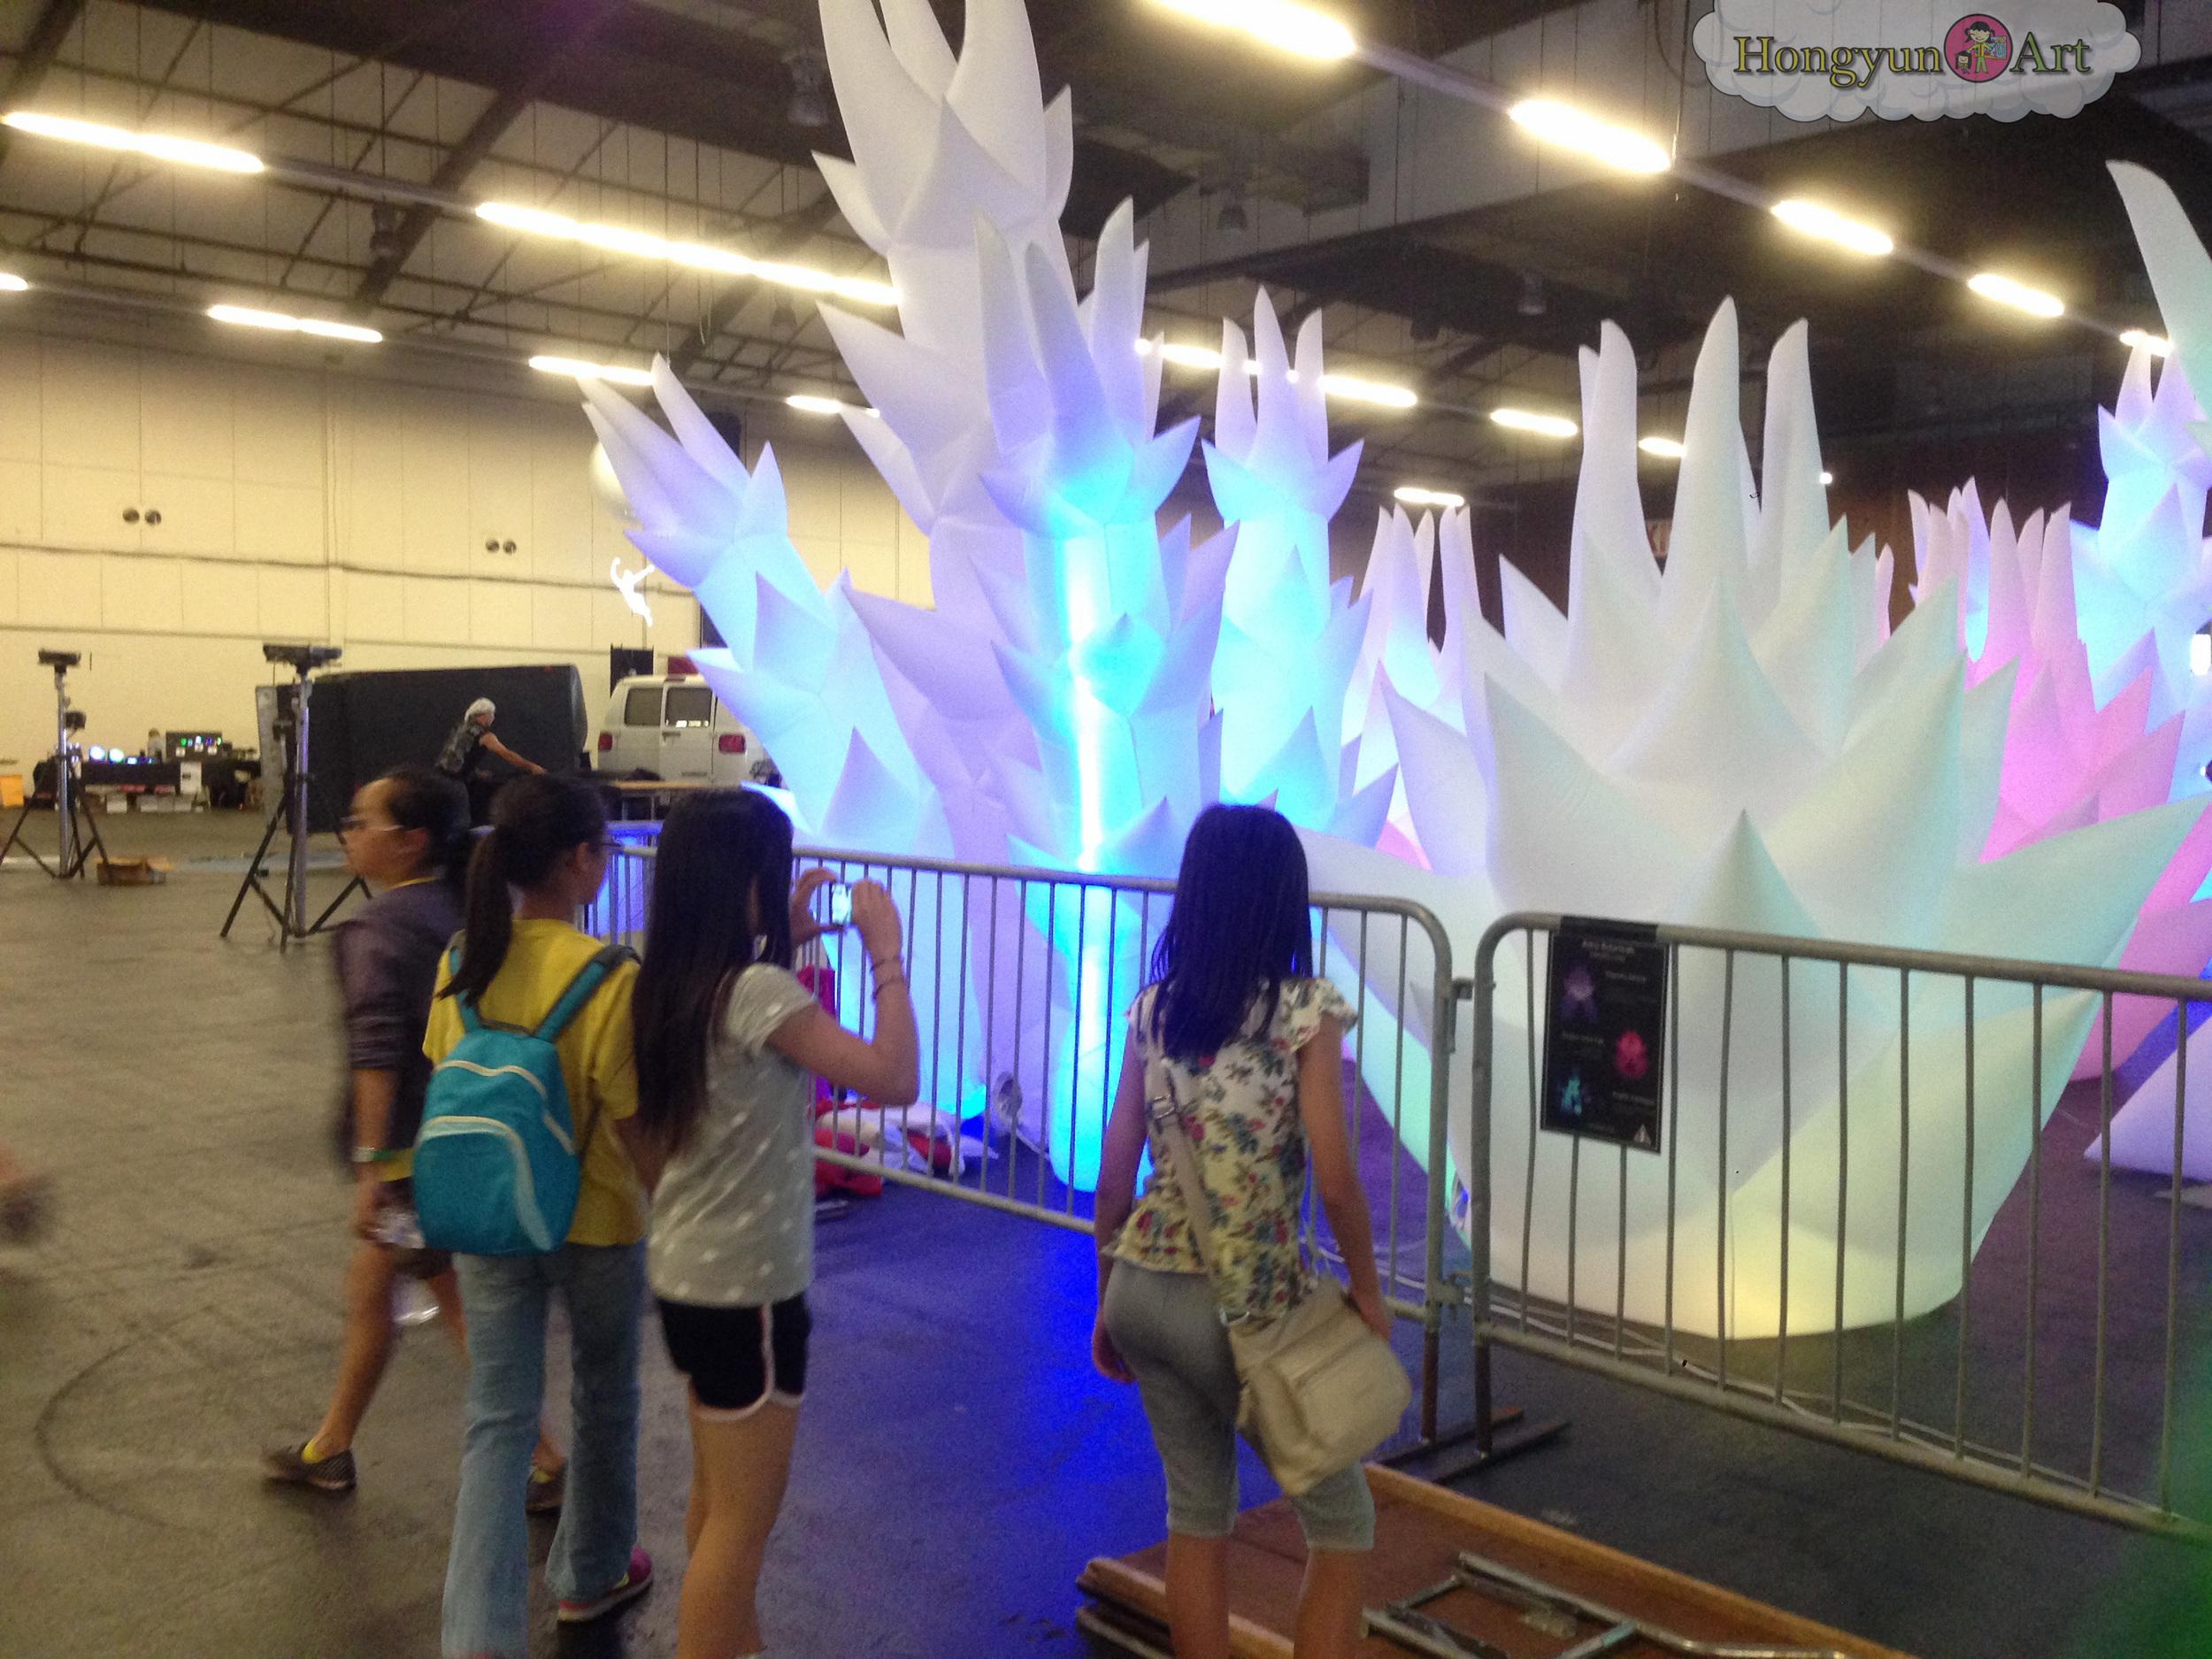 2014-05-Hongyun-Art-MakerFaire-035.jpg